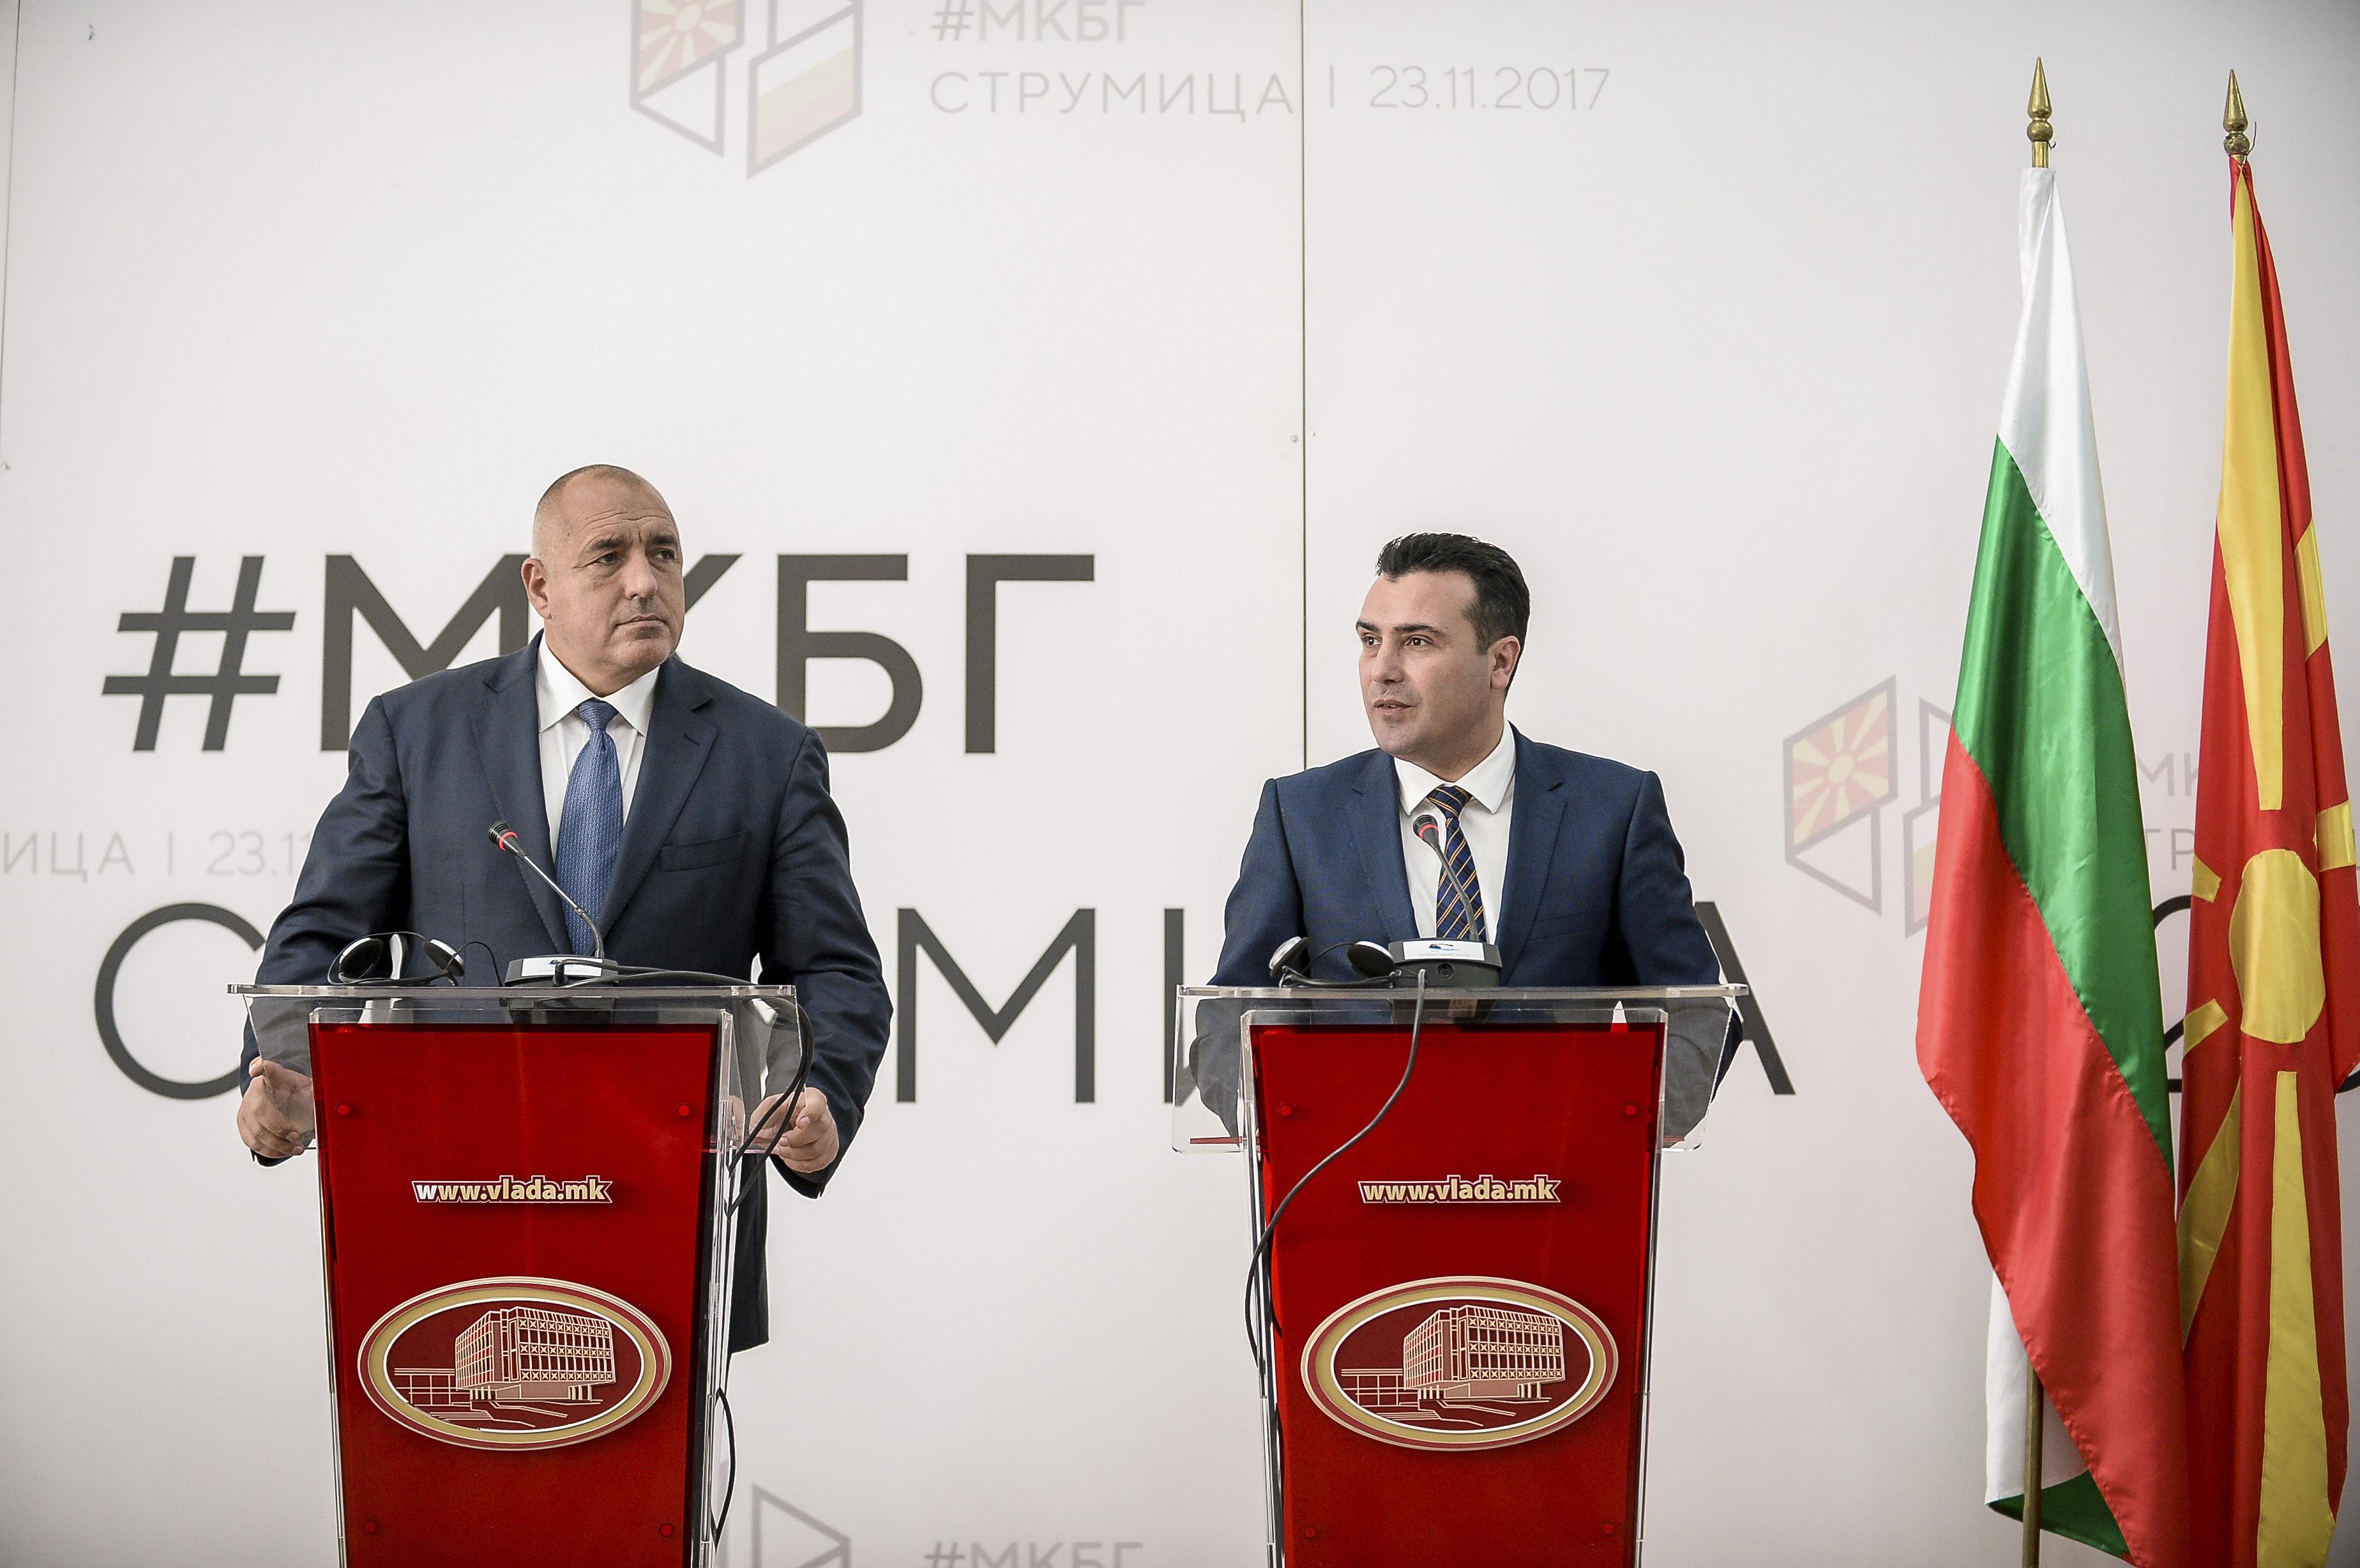 Заев Борисов  Испраќаме силна порака во регионот и во светот дека вака се гради пријателство